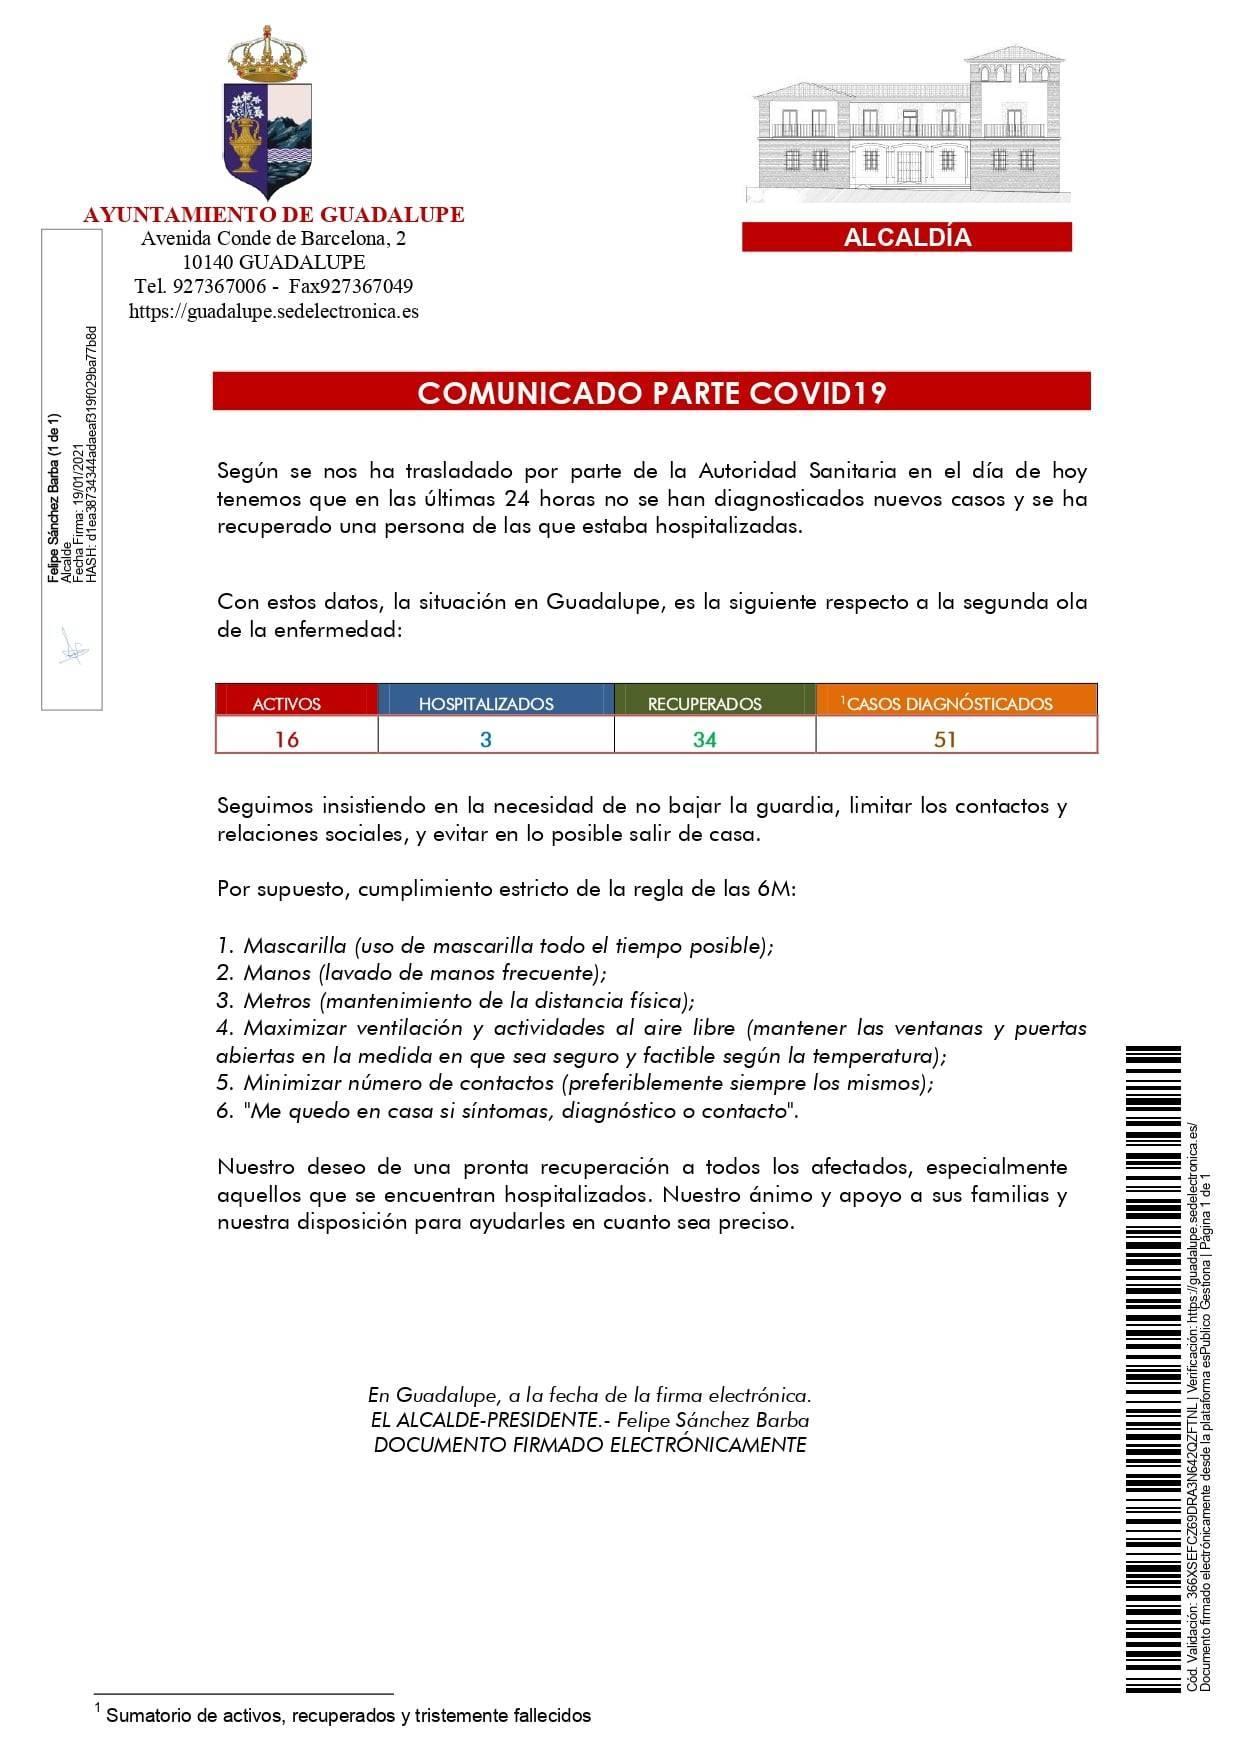 2 nuevos casos y 6 altas de COVID-19 (enero 2021) - Guadalupe (Cáceres) 1